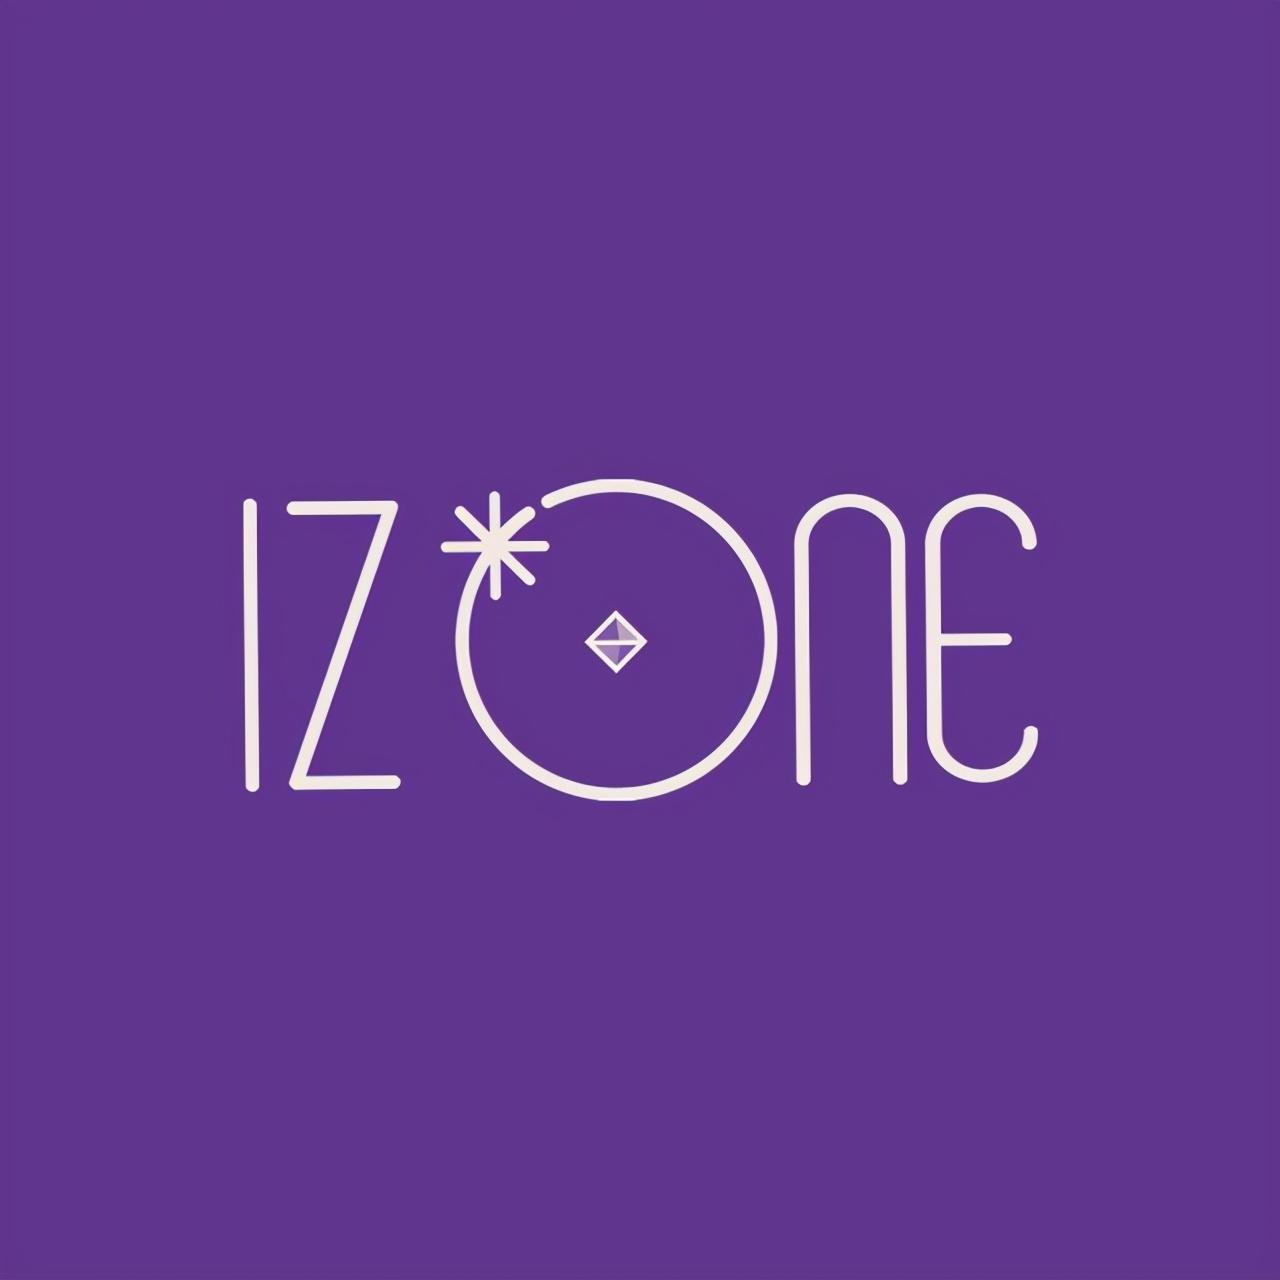 粉丝们募捐32亿,可惜IZONE重组依然失败!两大原因成为关键